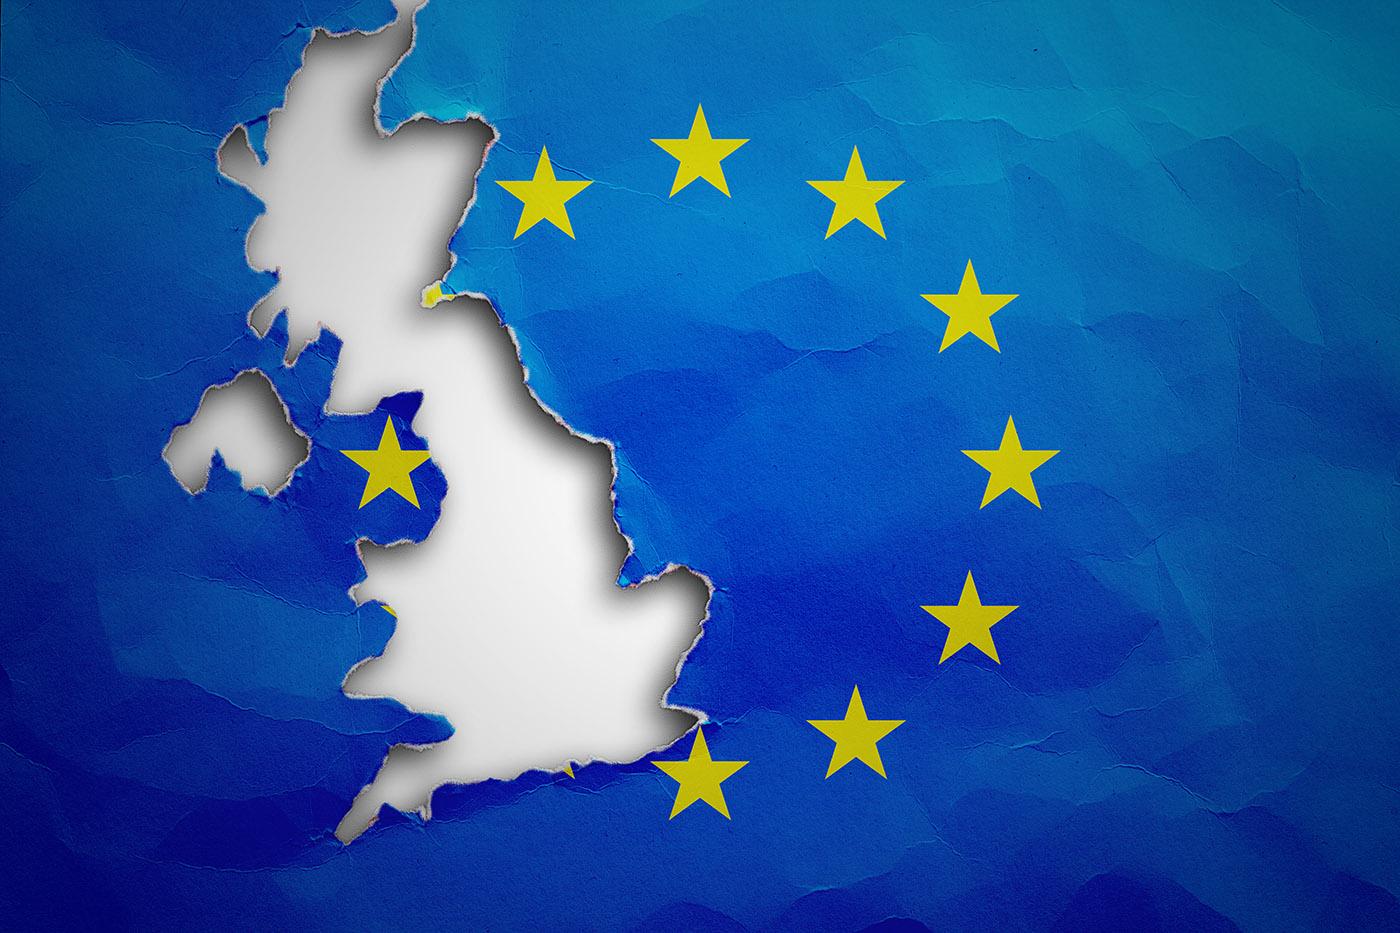 UK outside the European Union